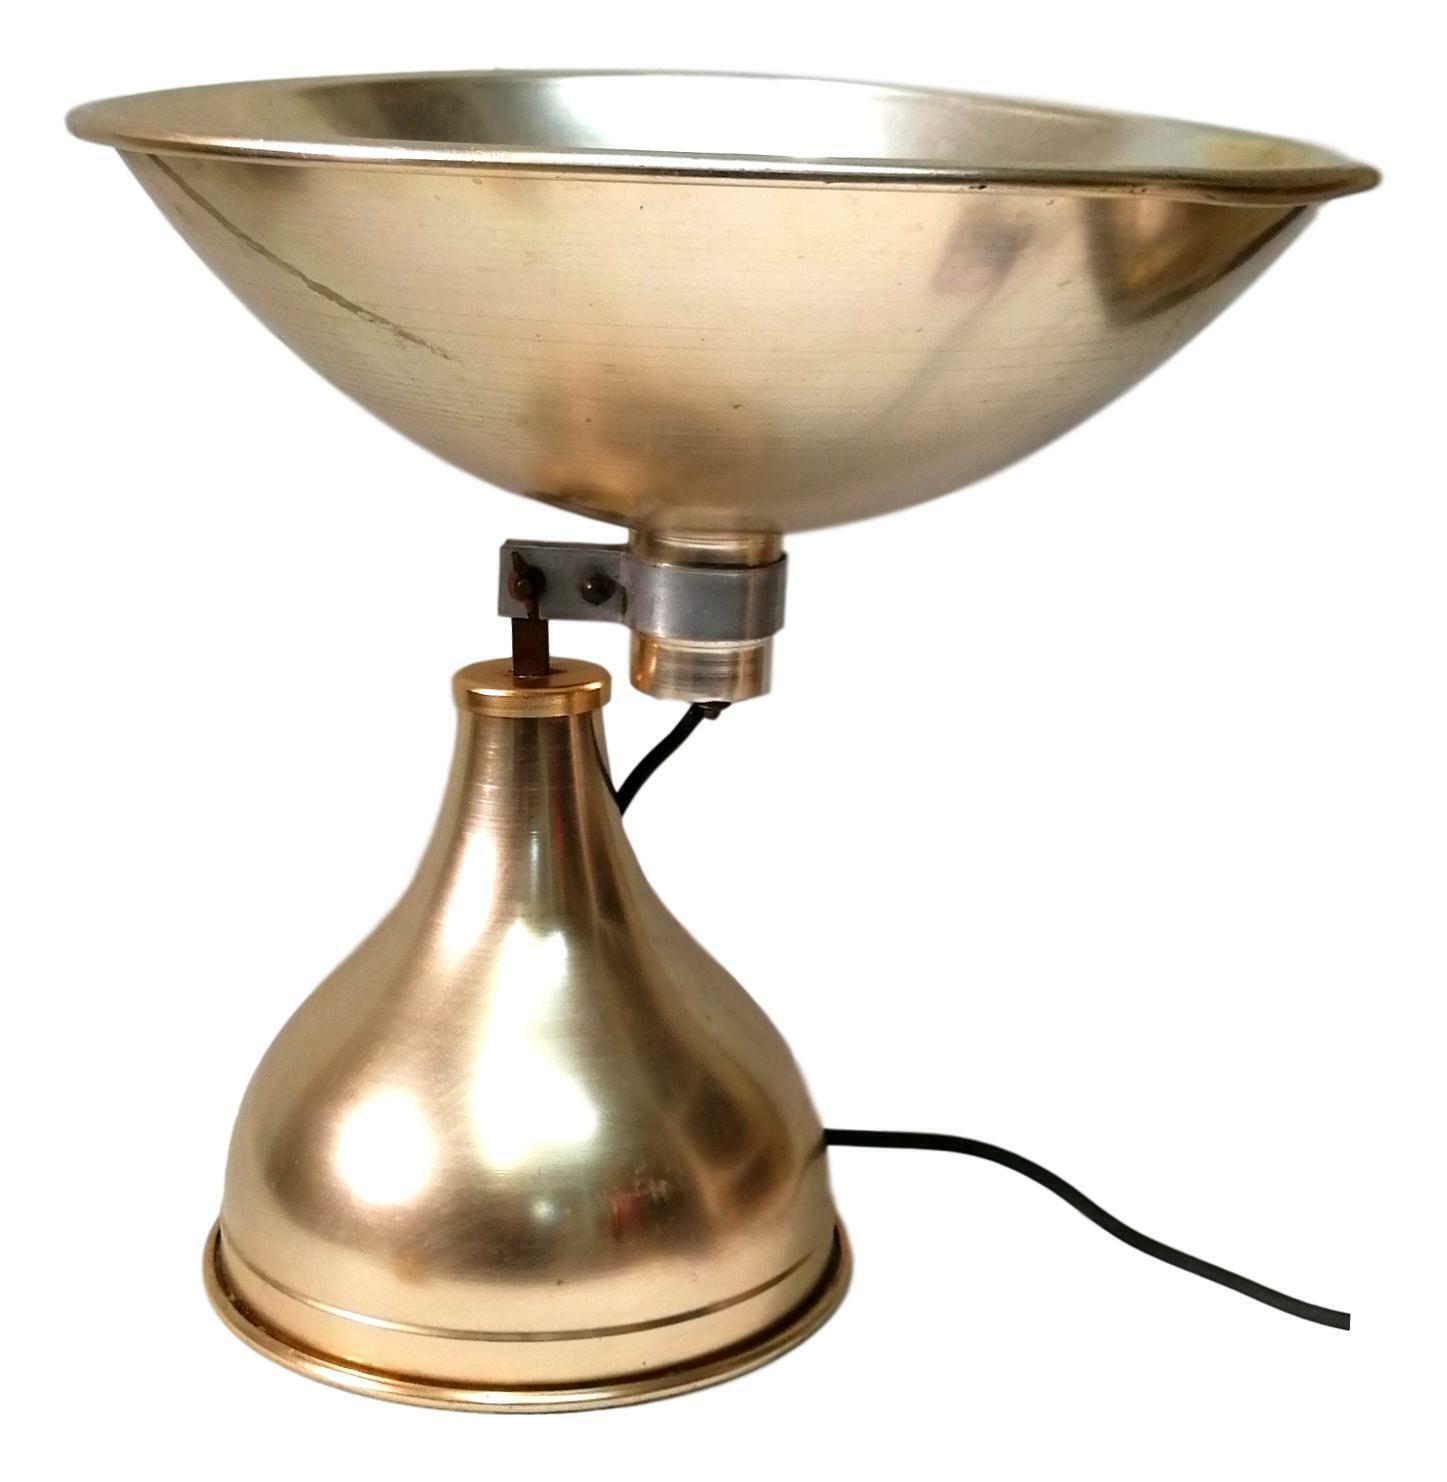 Tischleuchte Alu A Schüssel 60er Jahre Vintage Lampe Leuchte Modern Design